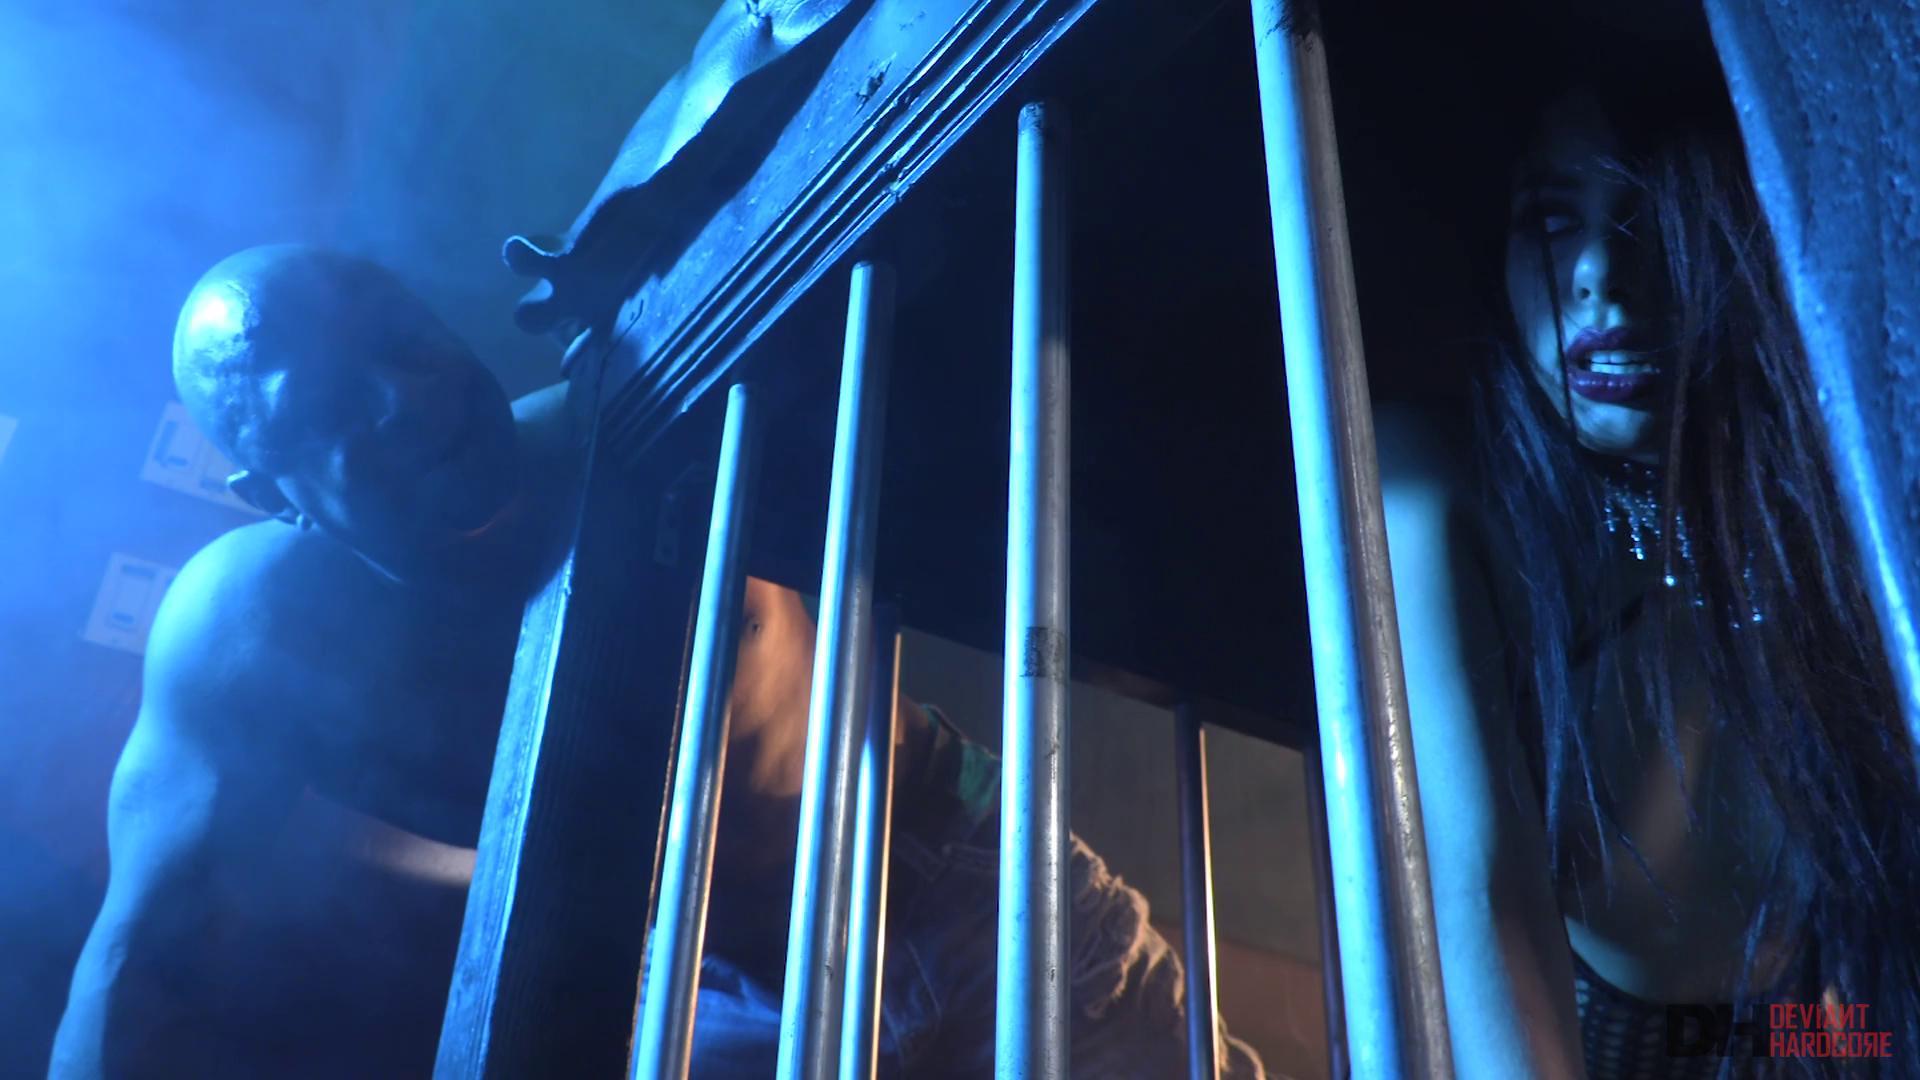 DeviantHardcore E57 Gina Valentina